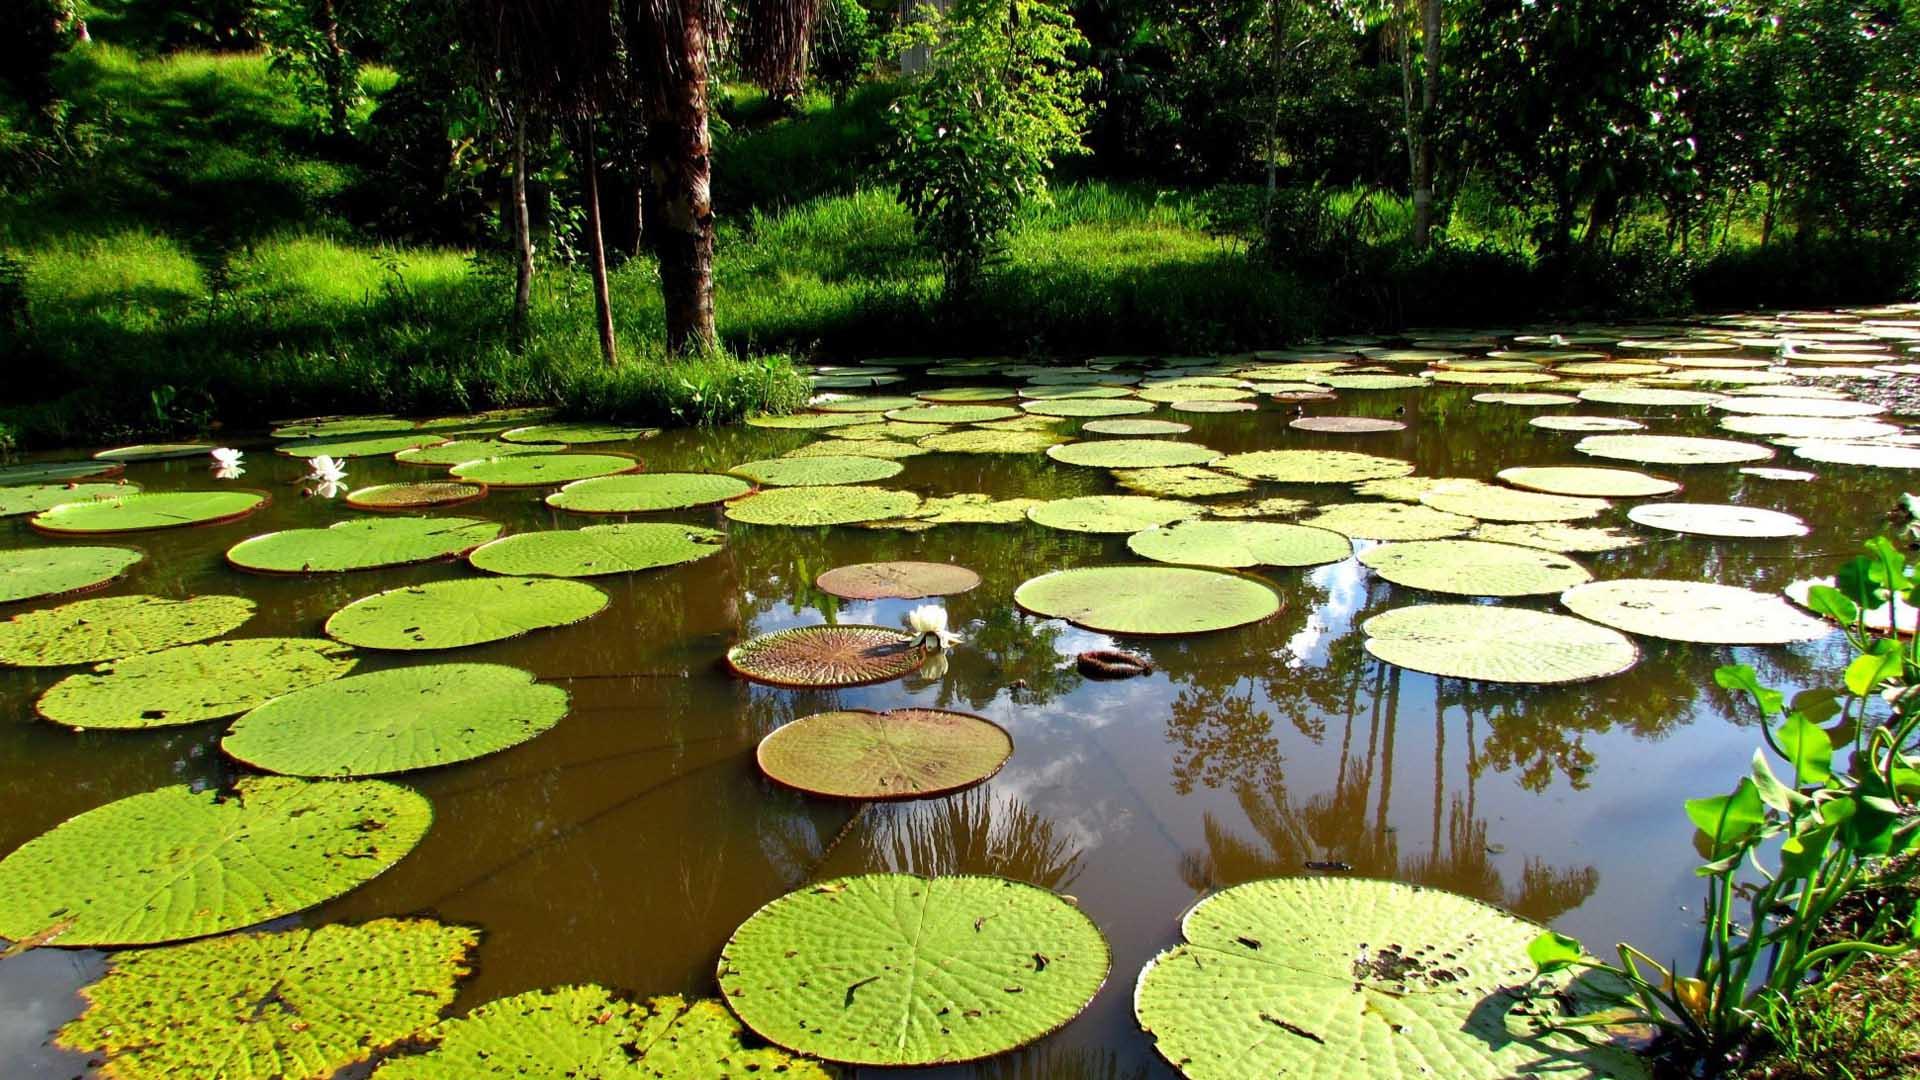 Noruega, Alemania y Reino Unido apoyaran económicamente al país suramericano en su lucha contra la deforestación del este de la Amazonía